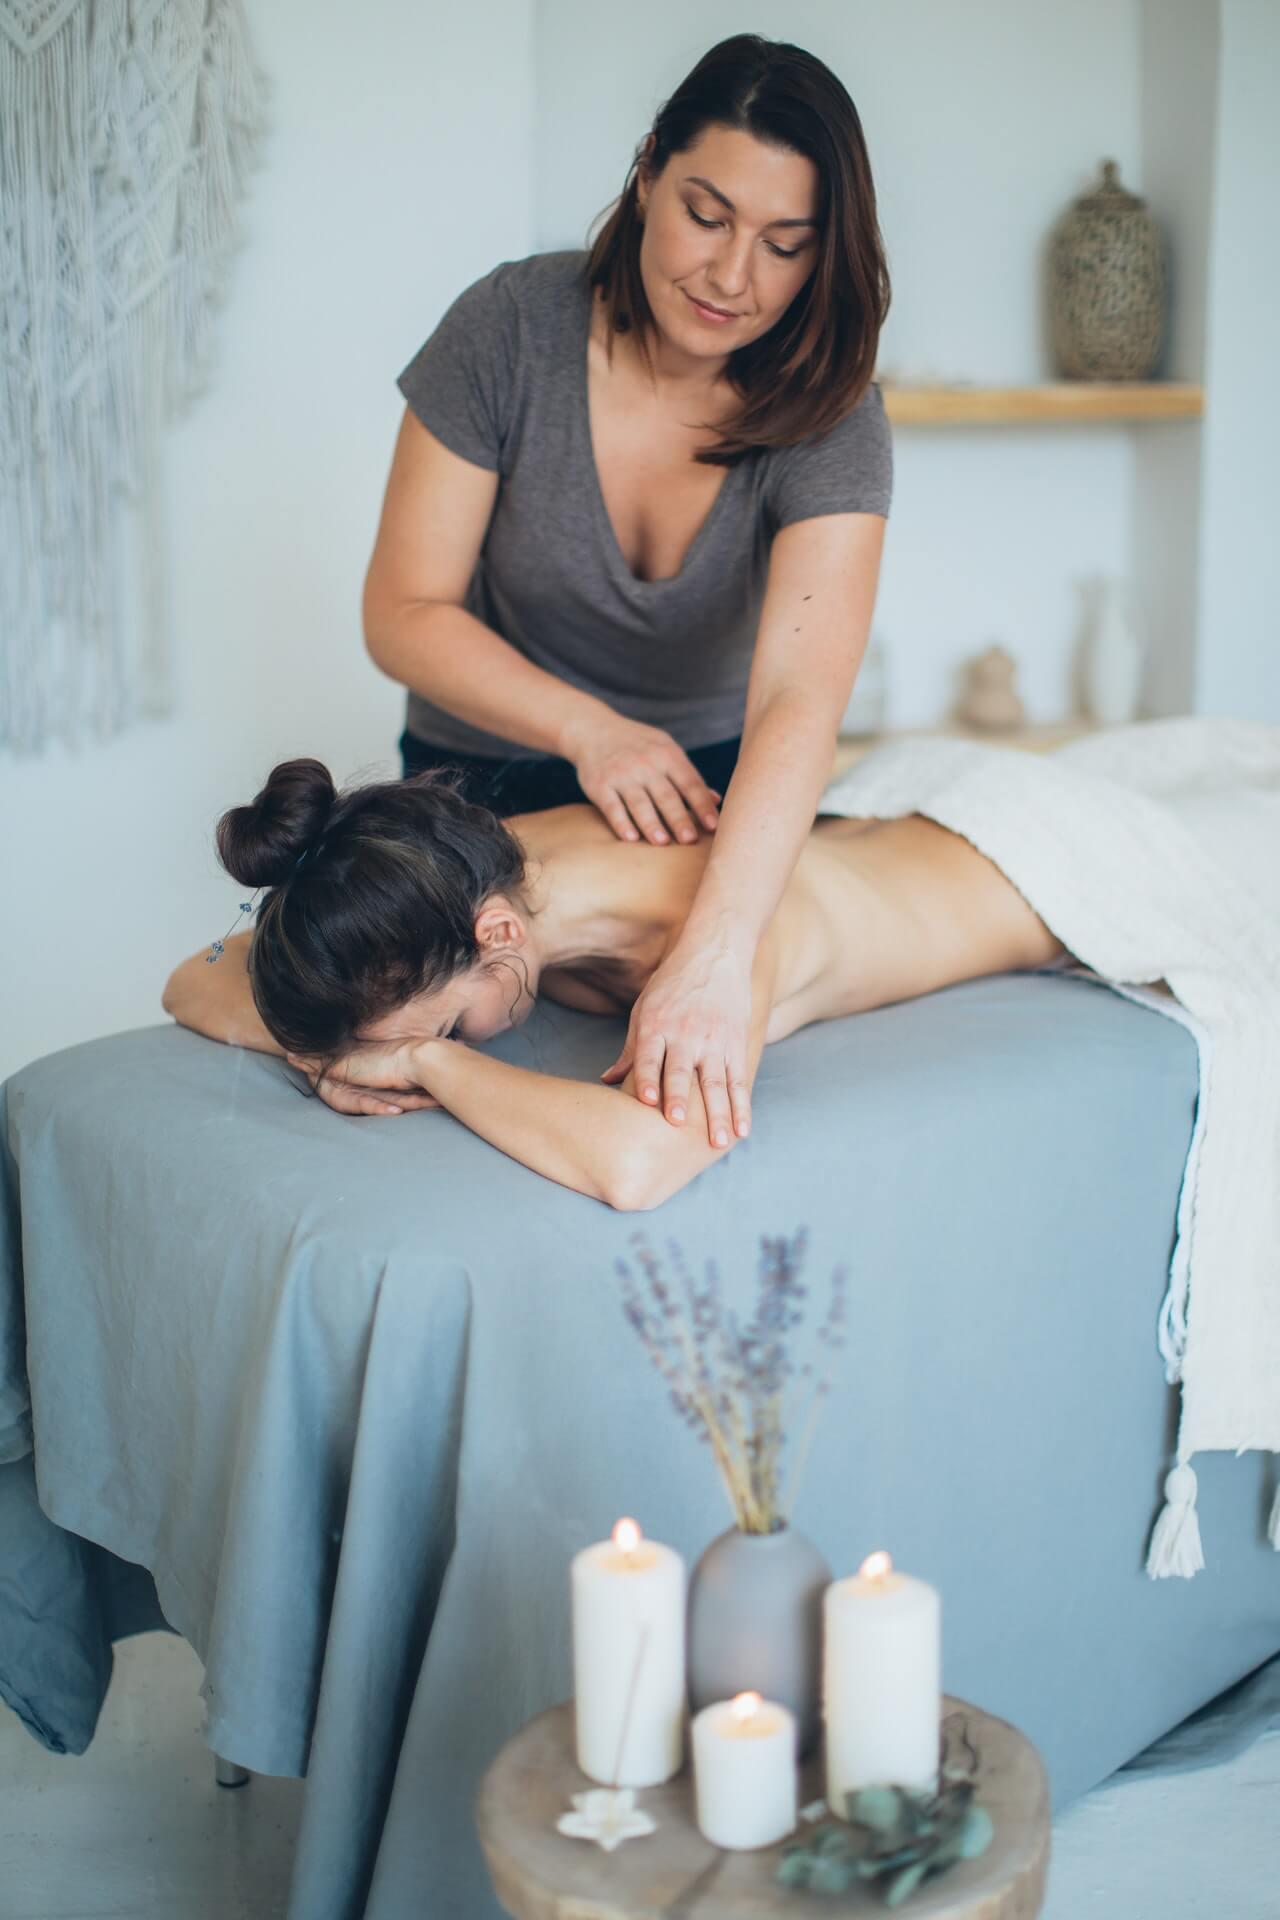 ¿Qué causa el dolor de espalda baja?